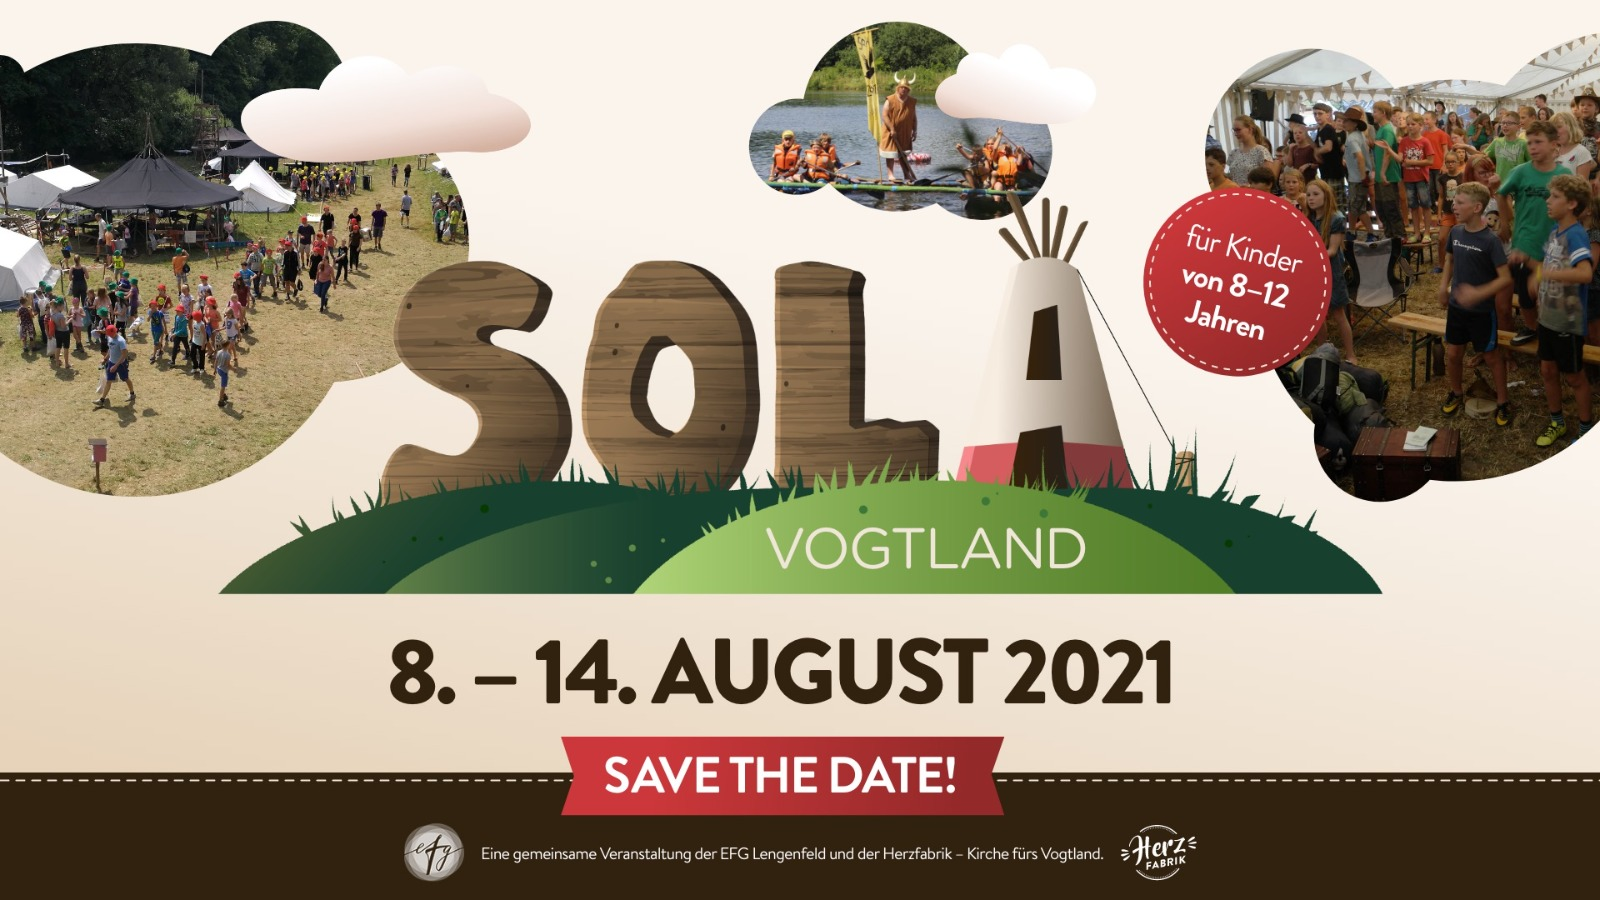 SOLA Vogtland 2021